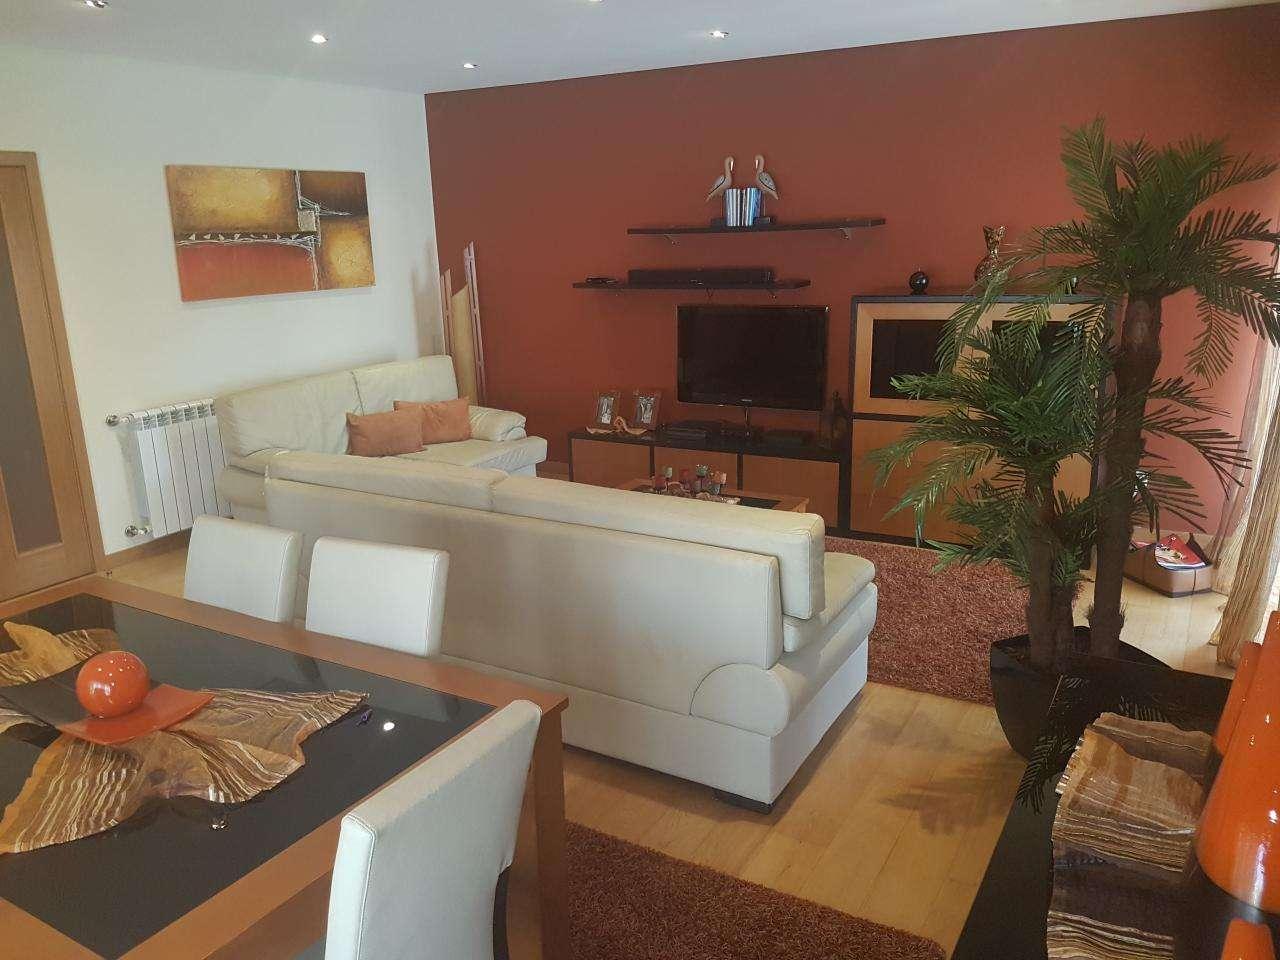 Apartamento para comprar, São Felix da Marinha, Vila Nova de Gaia, Porto - Foto 2